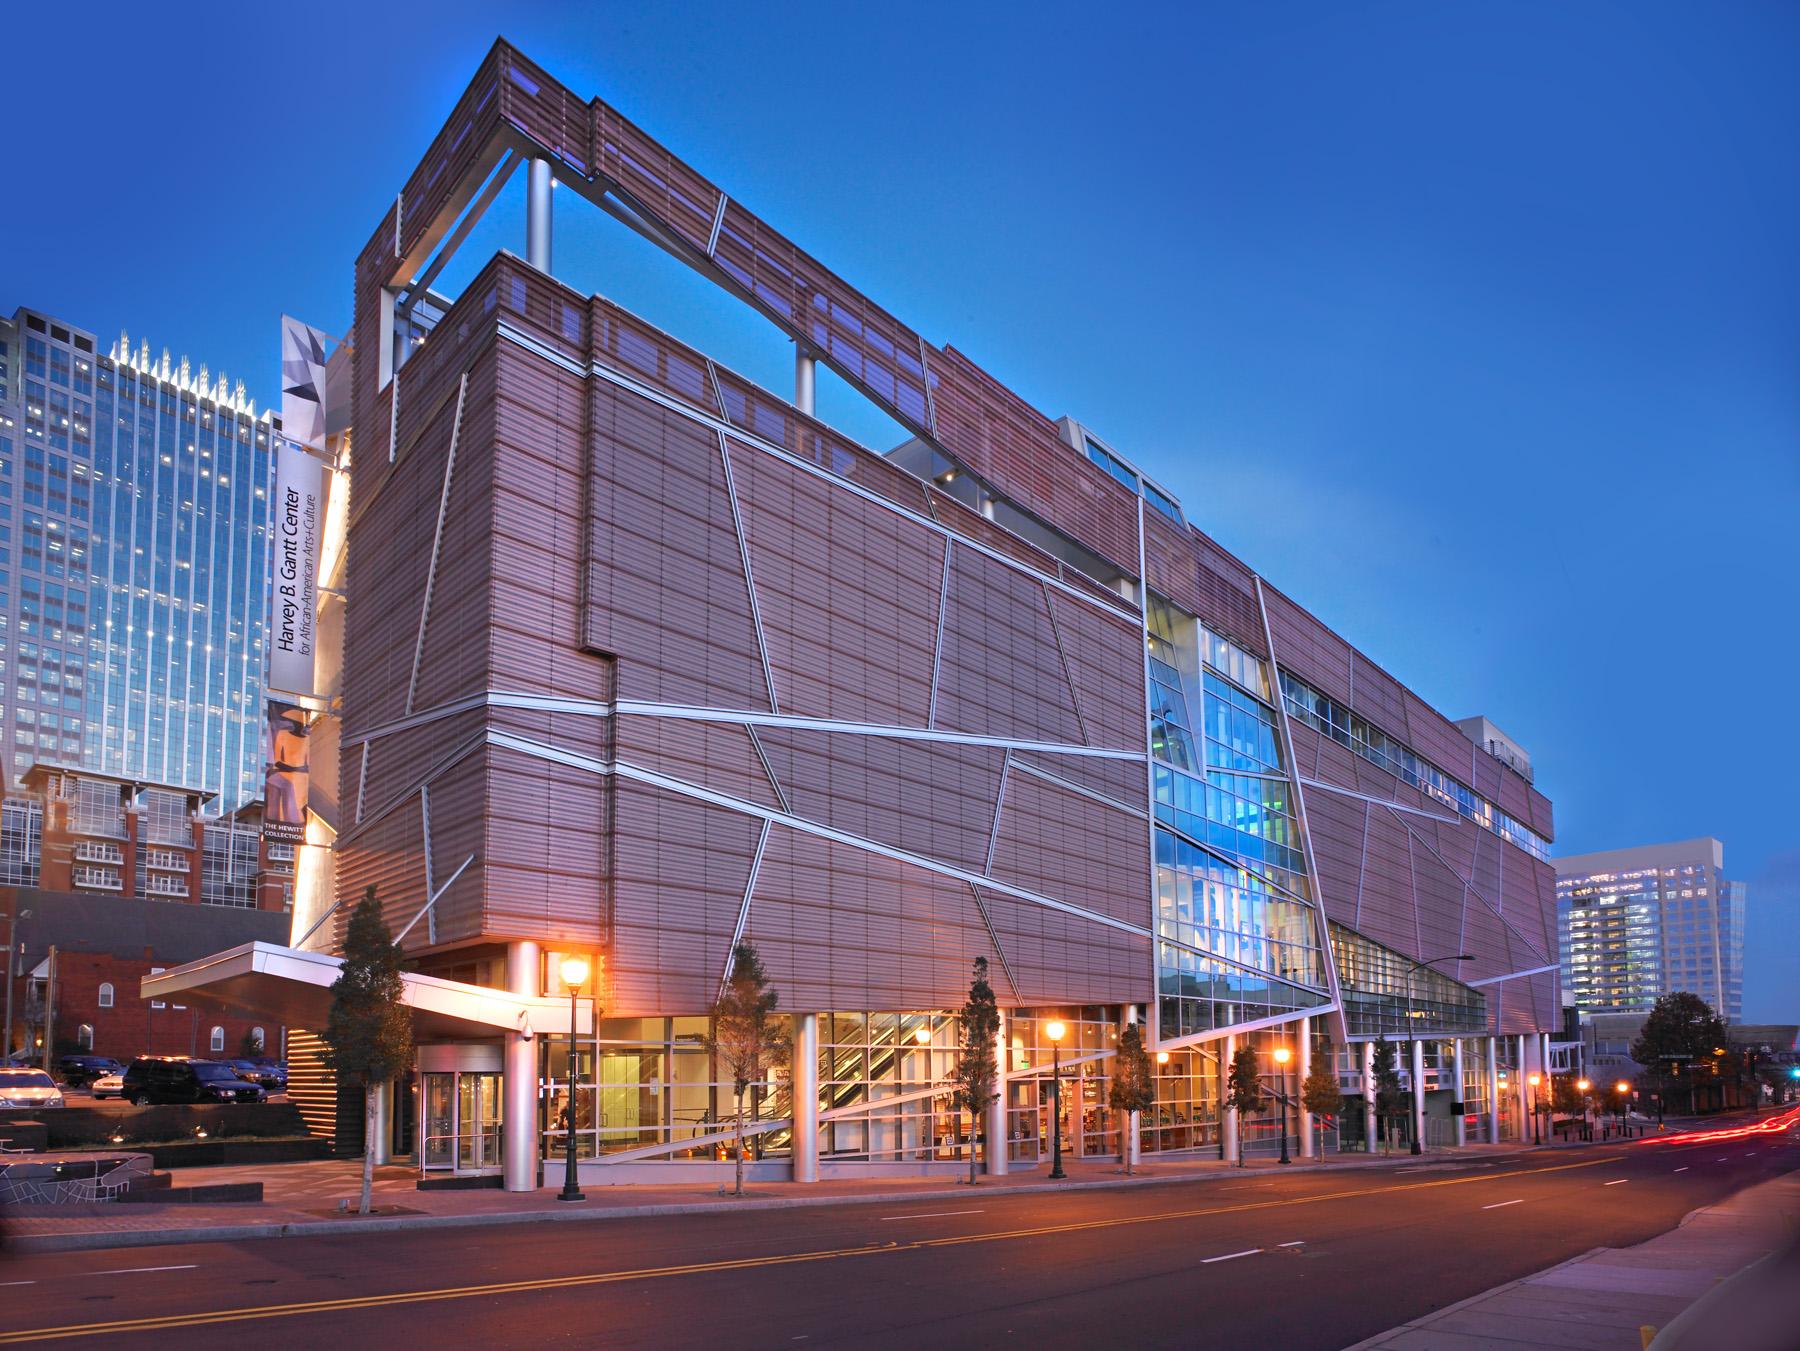 Harvey B Gantt Center